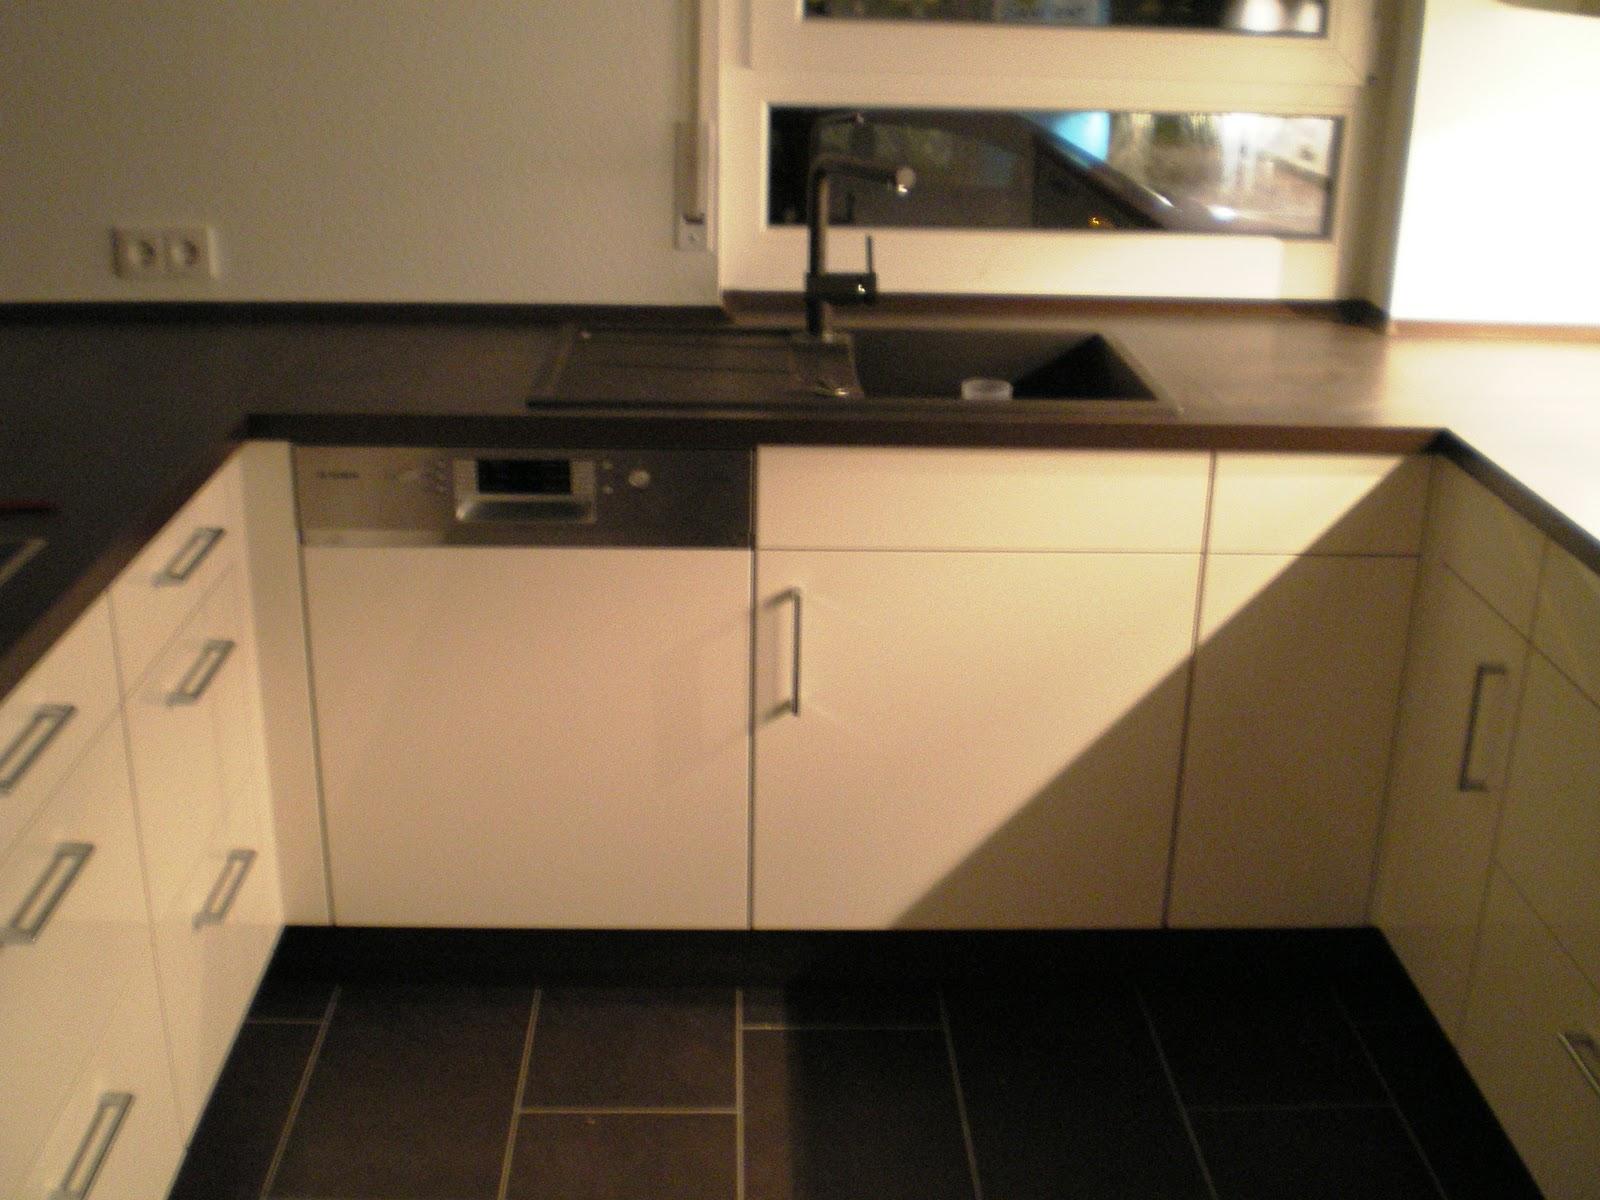 nadine und sven bauen ein haus unsere k che ist da. Black Bedroom Furniture Sets. Home Design Ideas